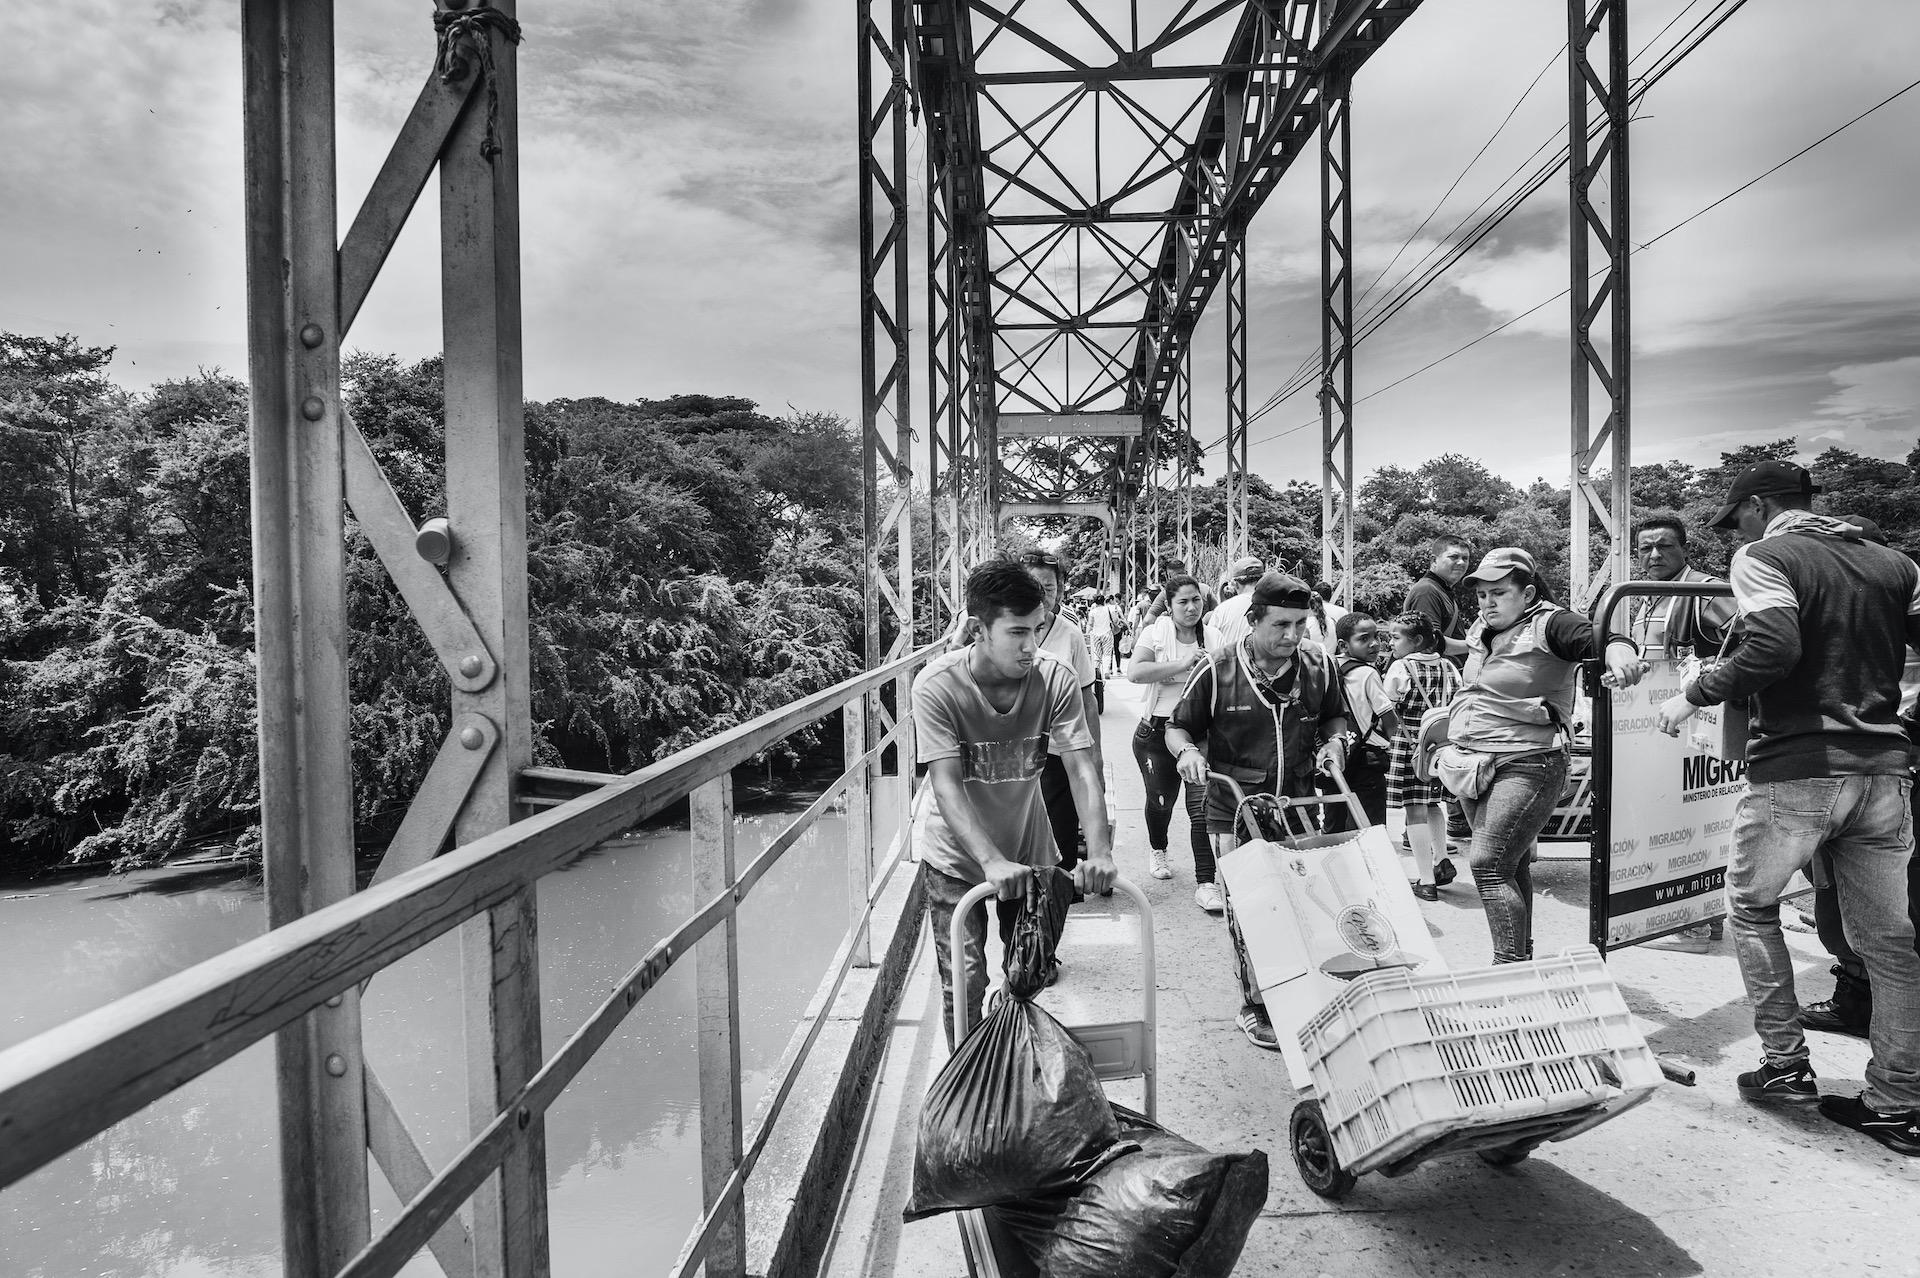 6. gevlucht naar Colombia